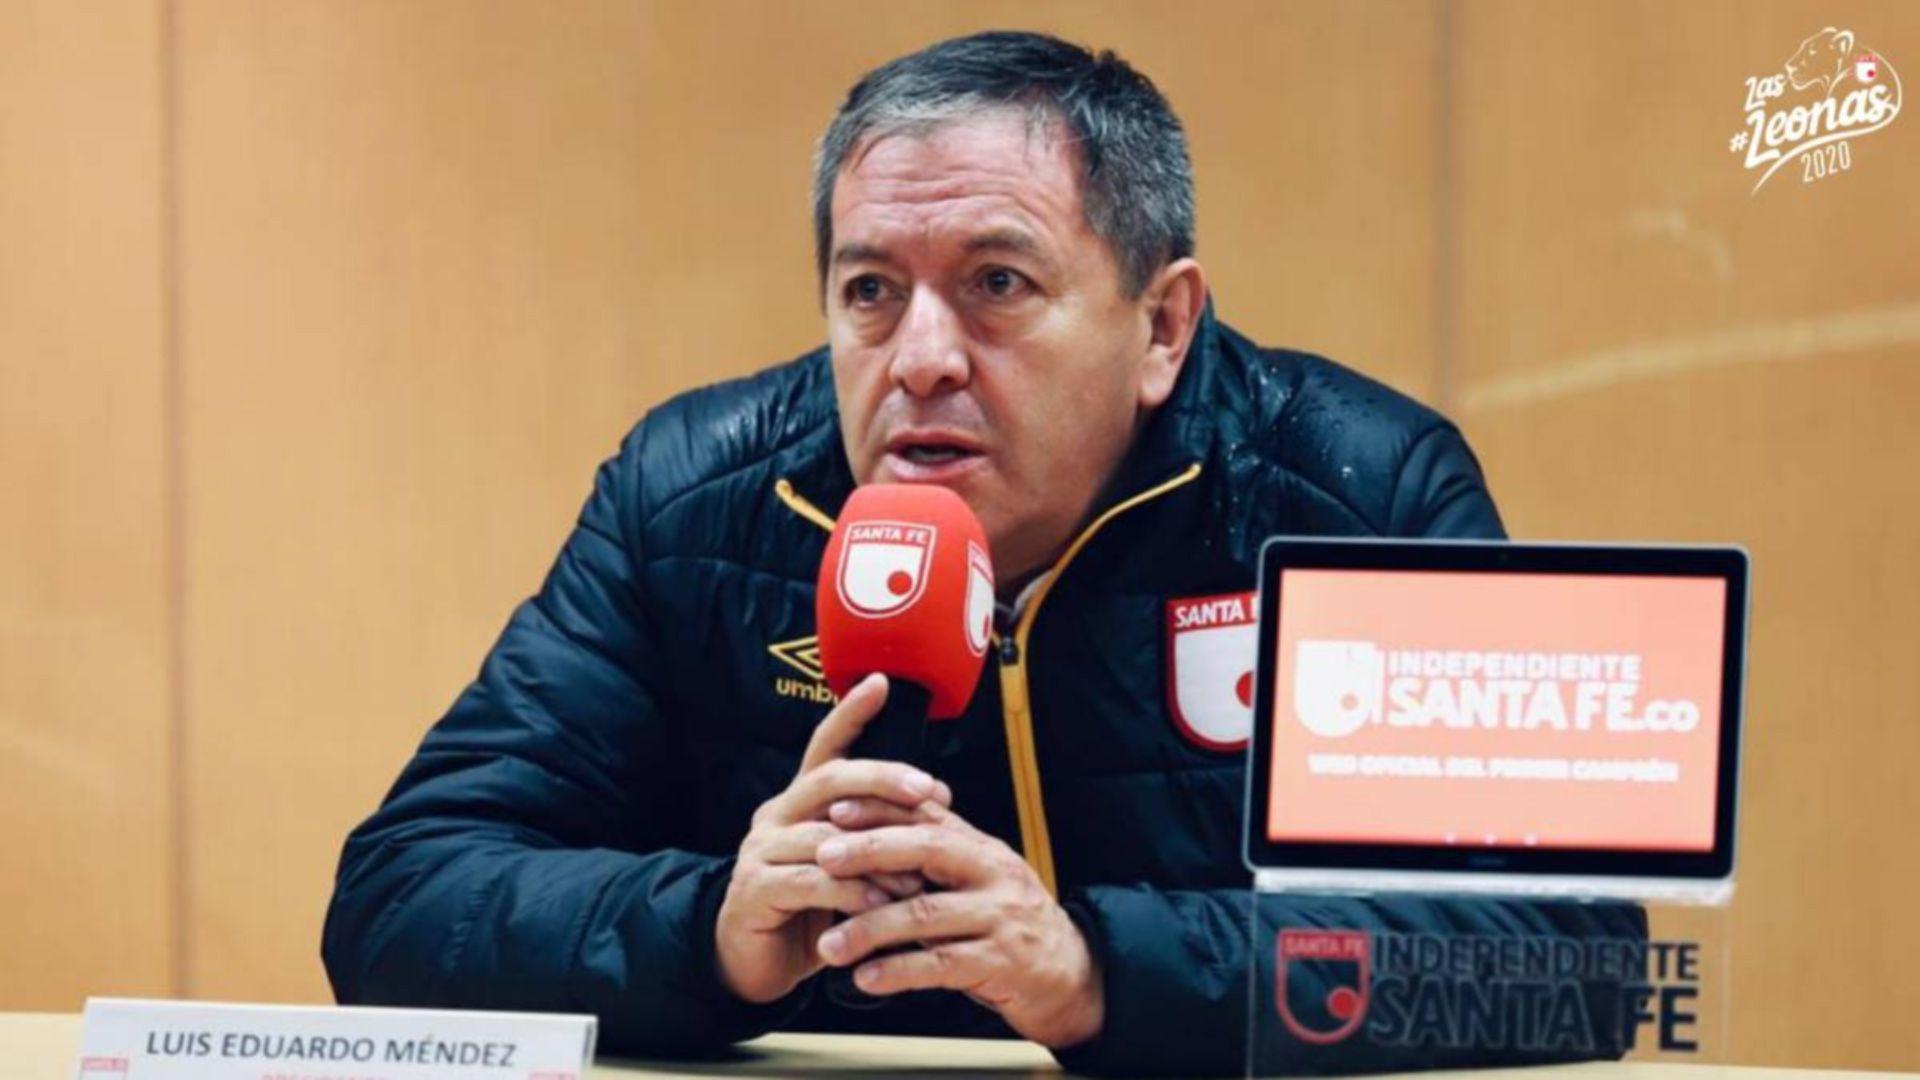 Eduardo Méndez, habló sobre el tema y dejó en el aire comentarios que posiblemente no sean del agrado de la hinchada cardenal. Vía: Independiente Santa Fe